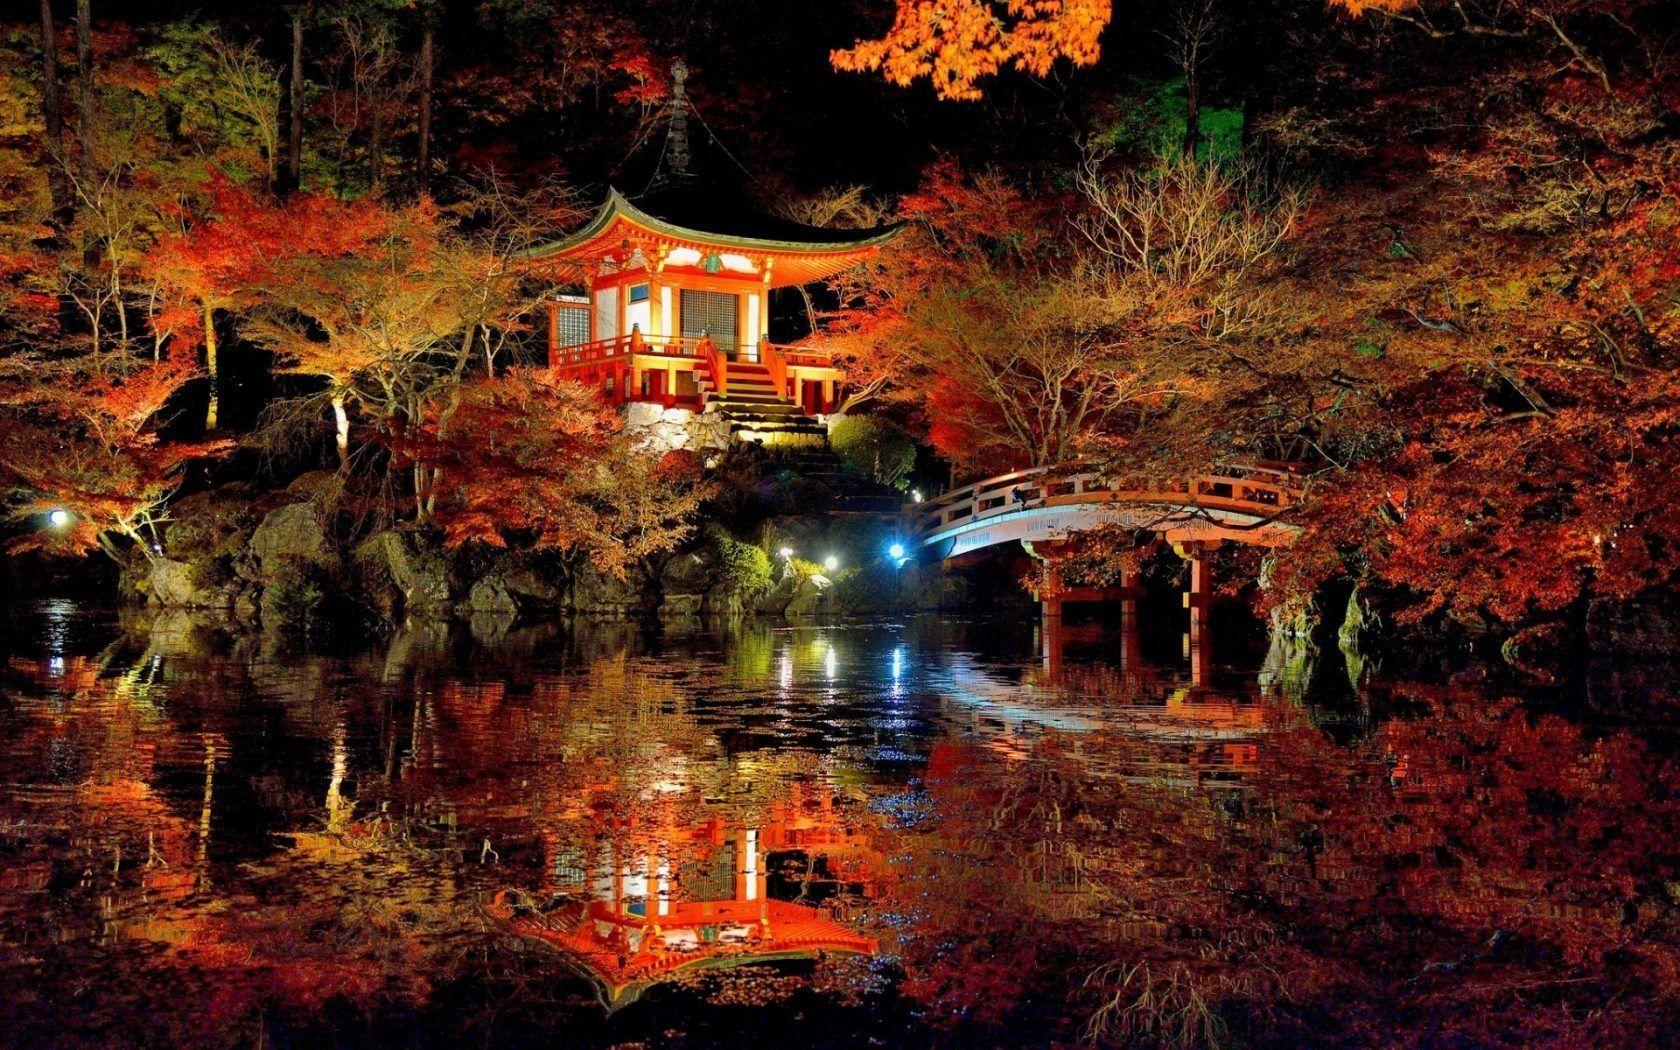 Japan 4K Ultra HD Wallpapers - Top Free Japan 4K Ultra HD ...